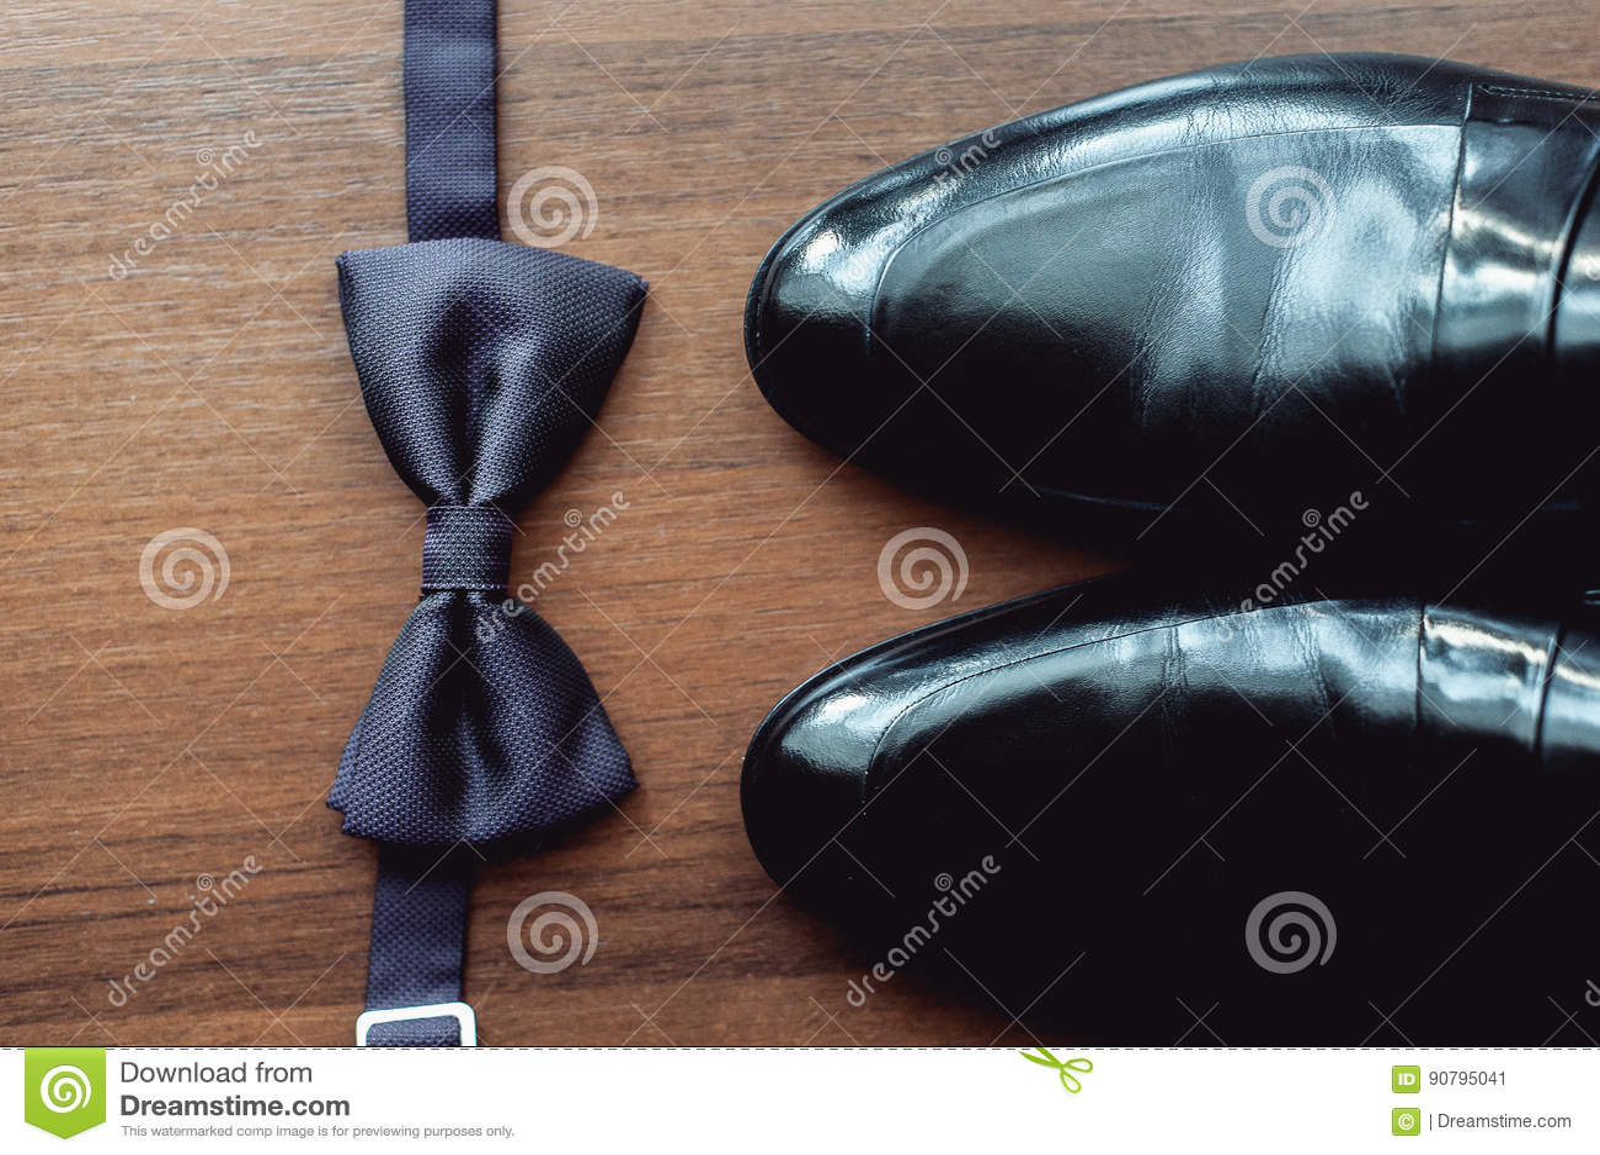 d0edc710384b Le noeud papillon noir se trouve devant les chaussures en cuir et la  ceinture Mariés épousant